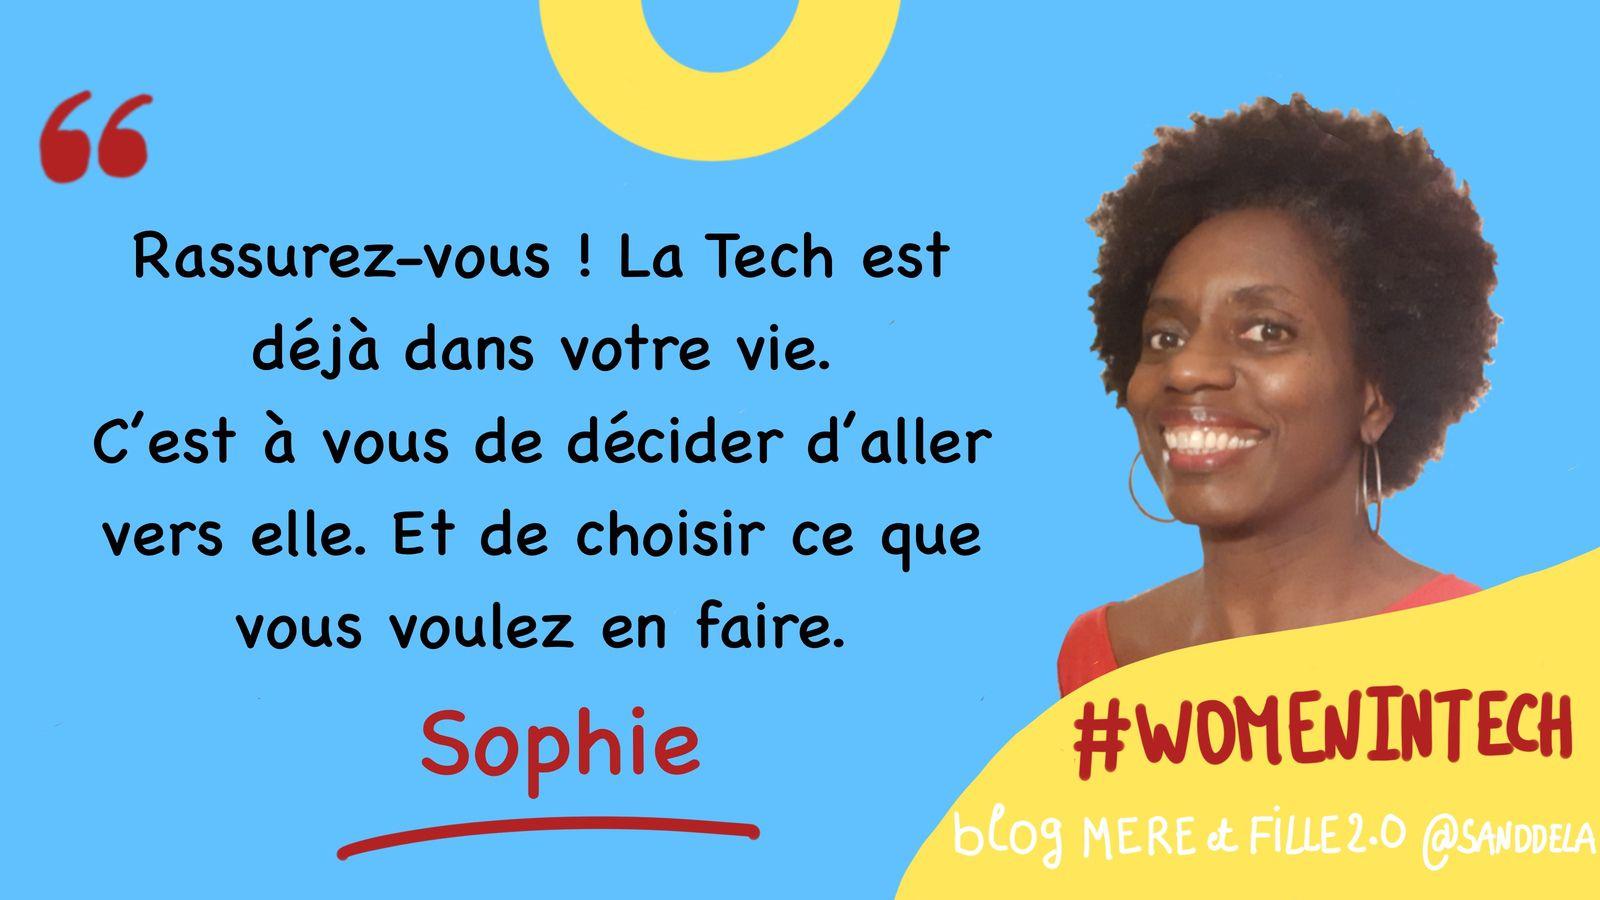 WomenIntech - Sandrine Noémie Delage - Mère et Fille 2.0